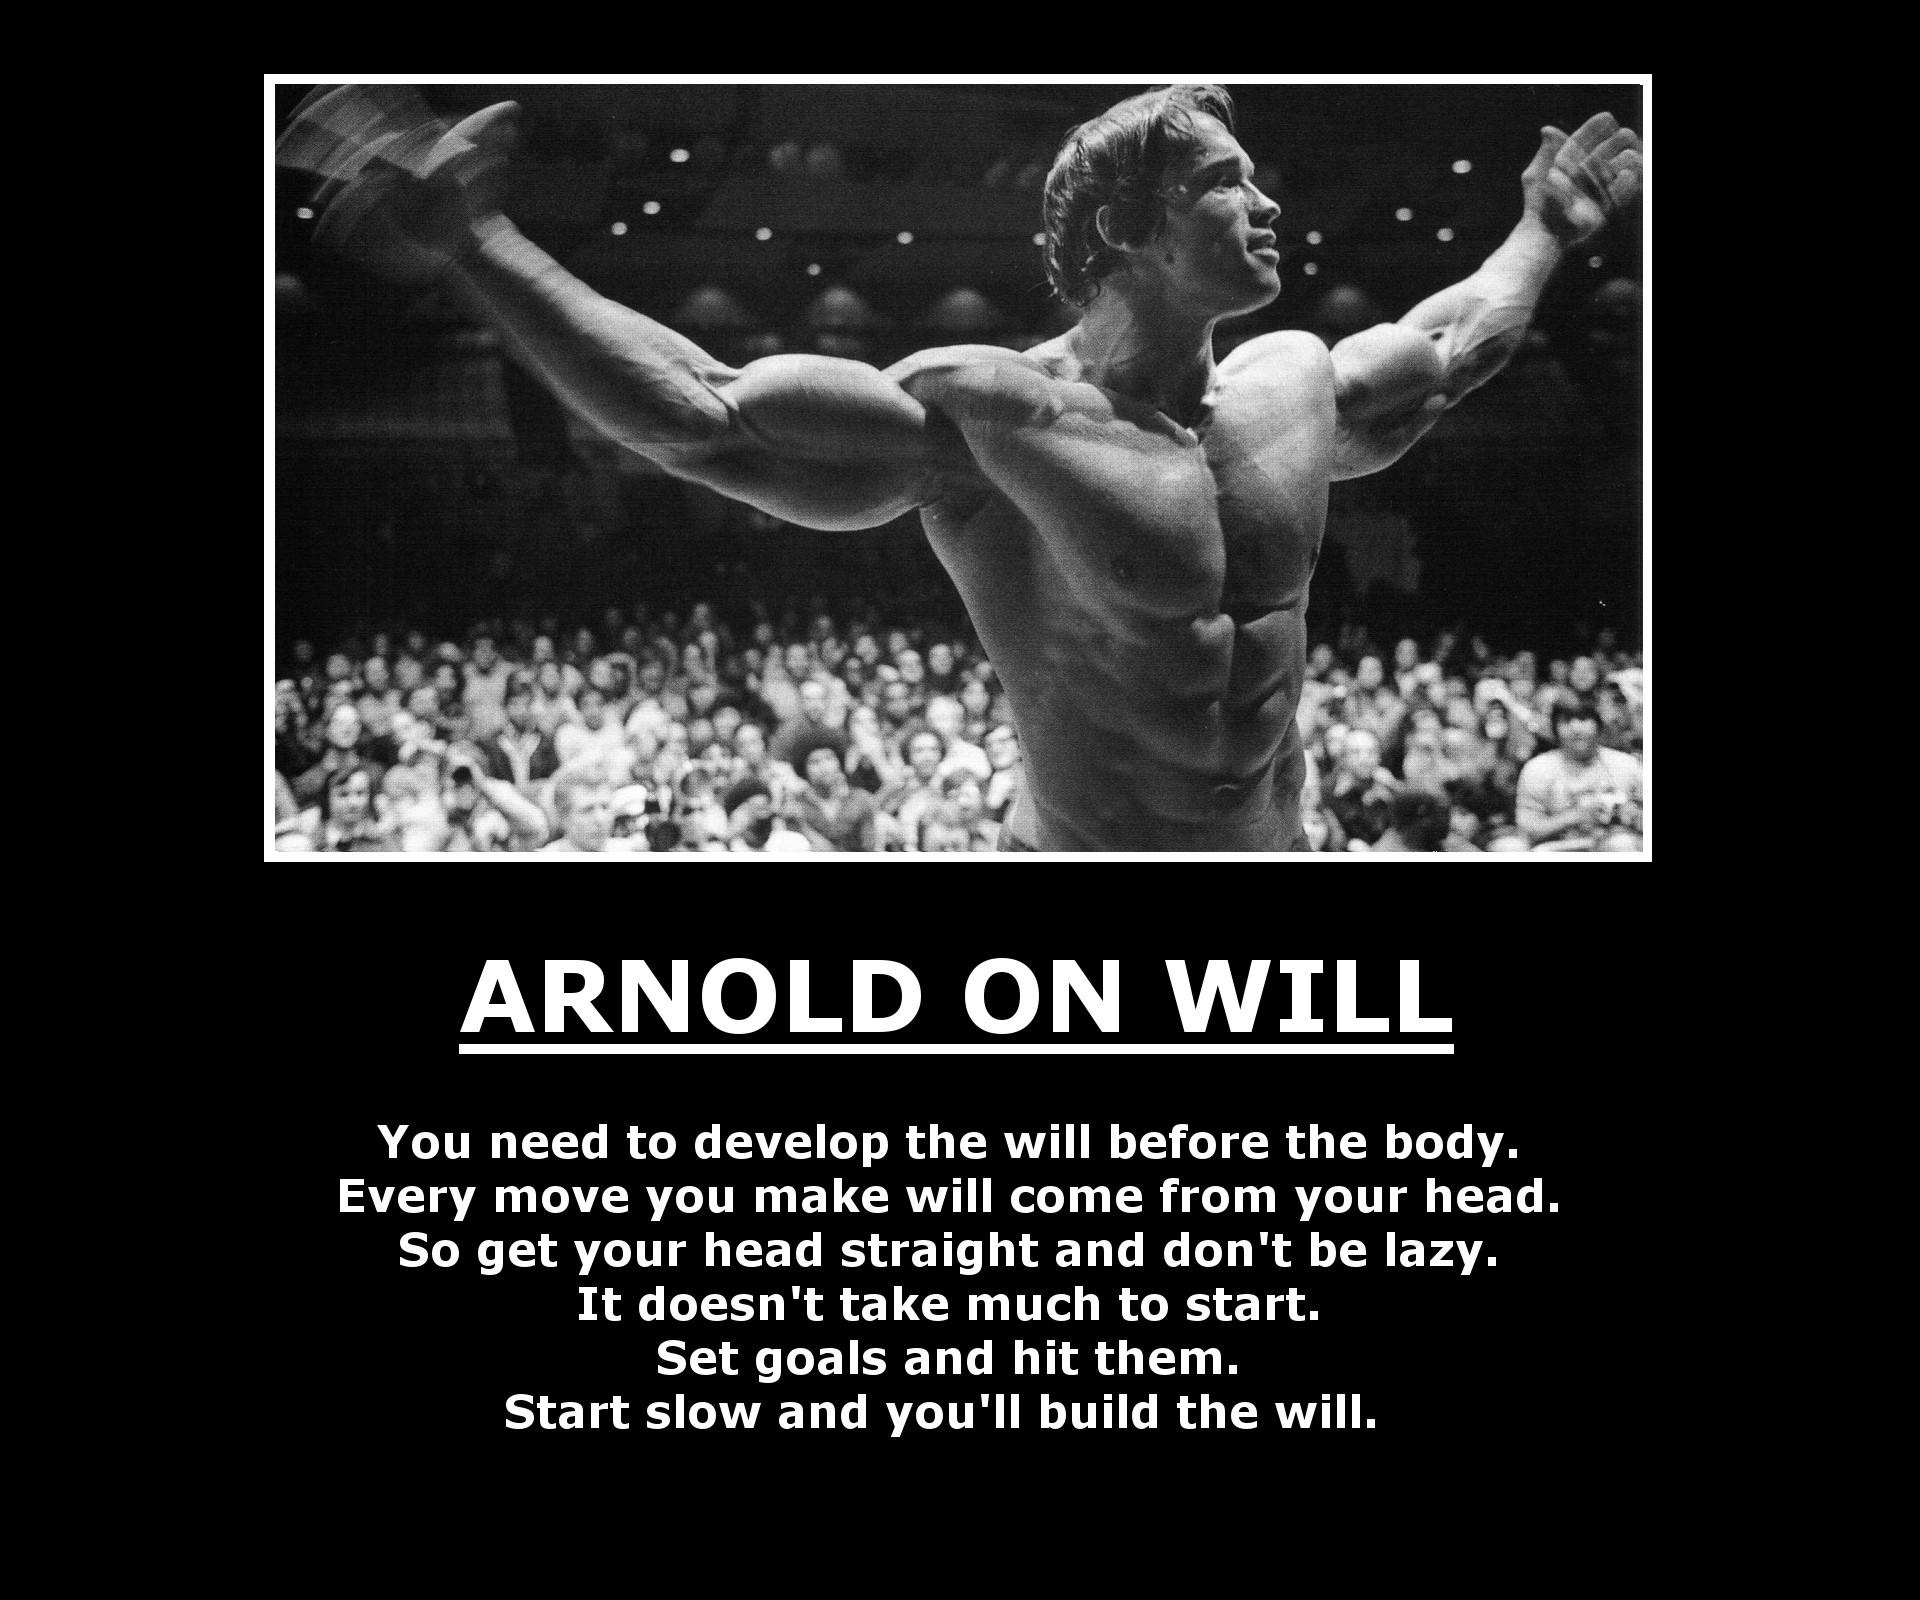 [Image] Arnold Schwarzenegger on will